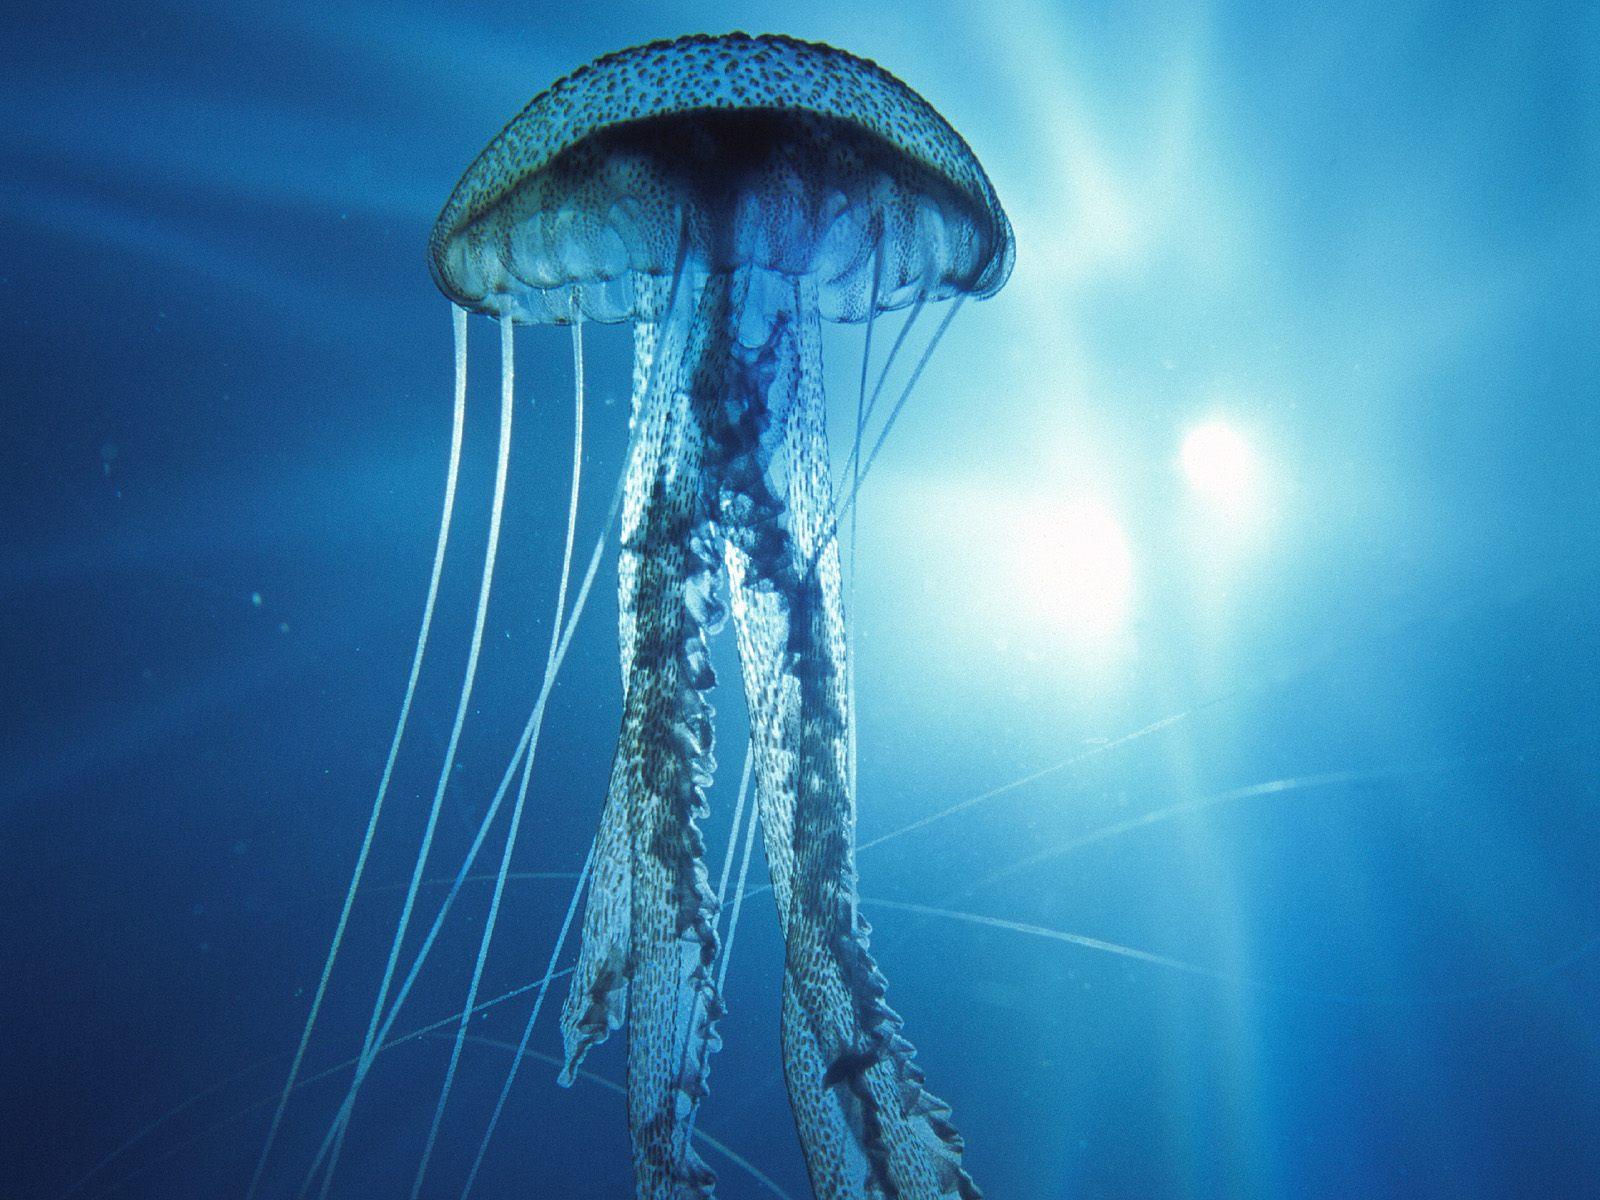 морская медуза, фото, обои на рабочий стол, скачать